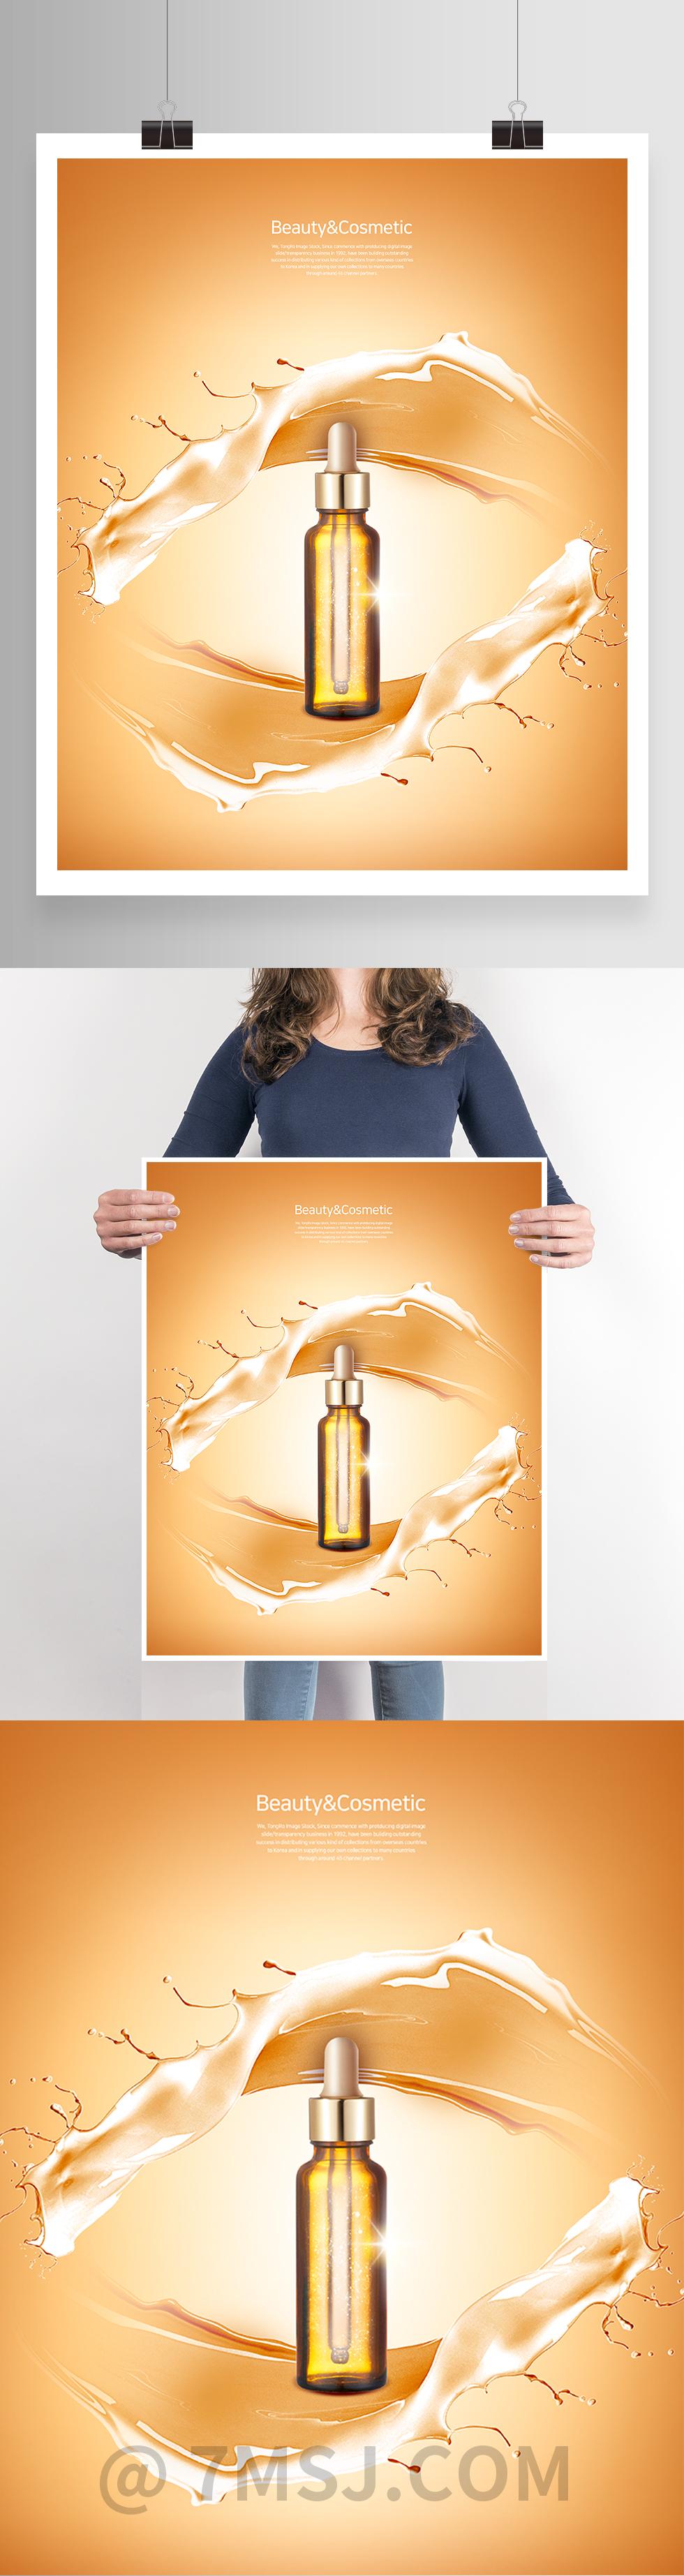 精华液化妆品系列海报设计